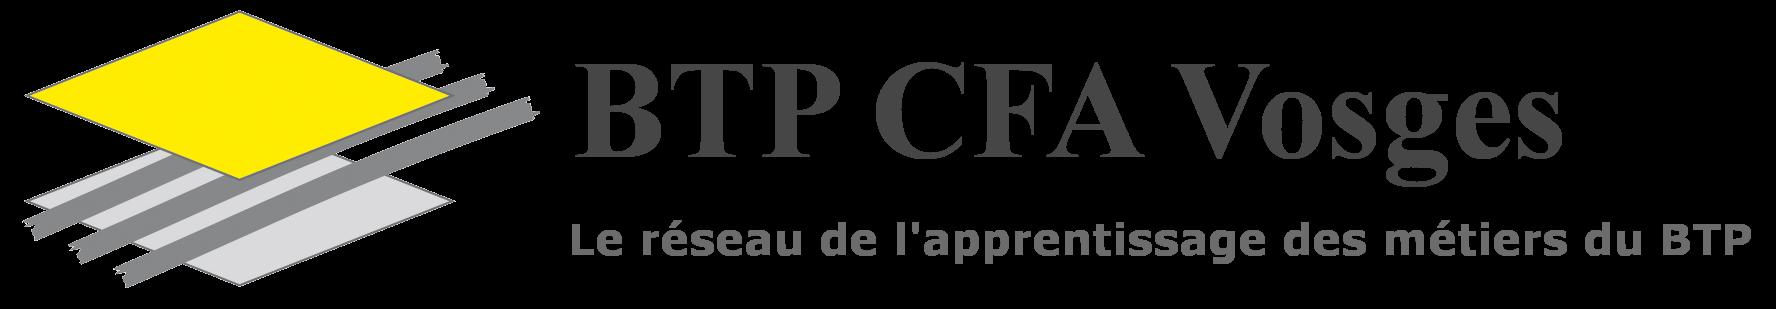 BTP CFA Vosges